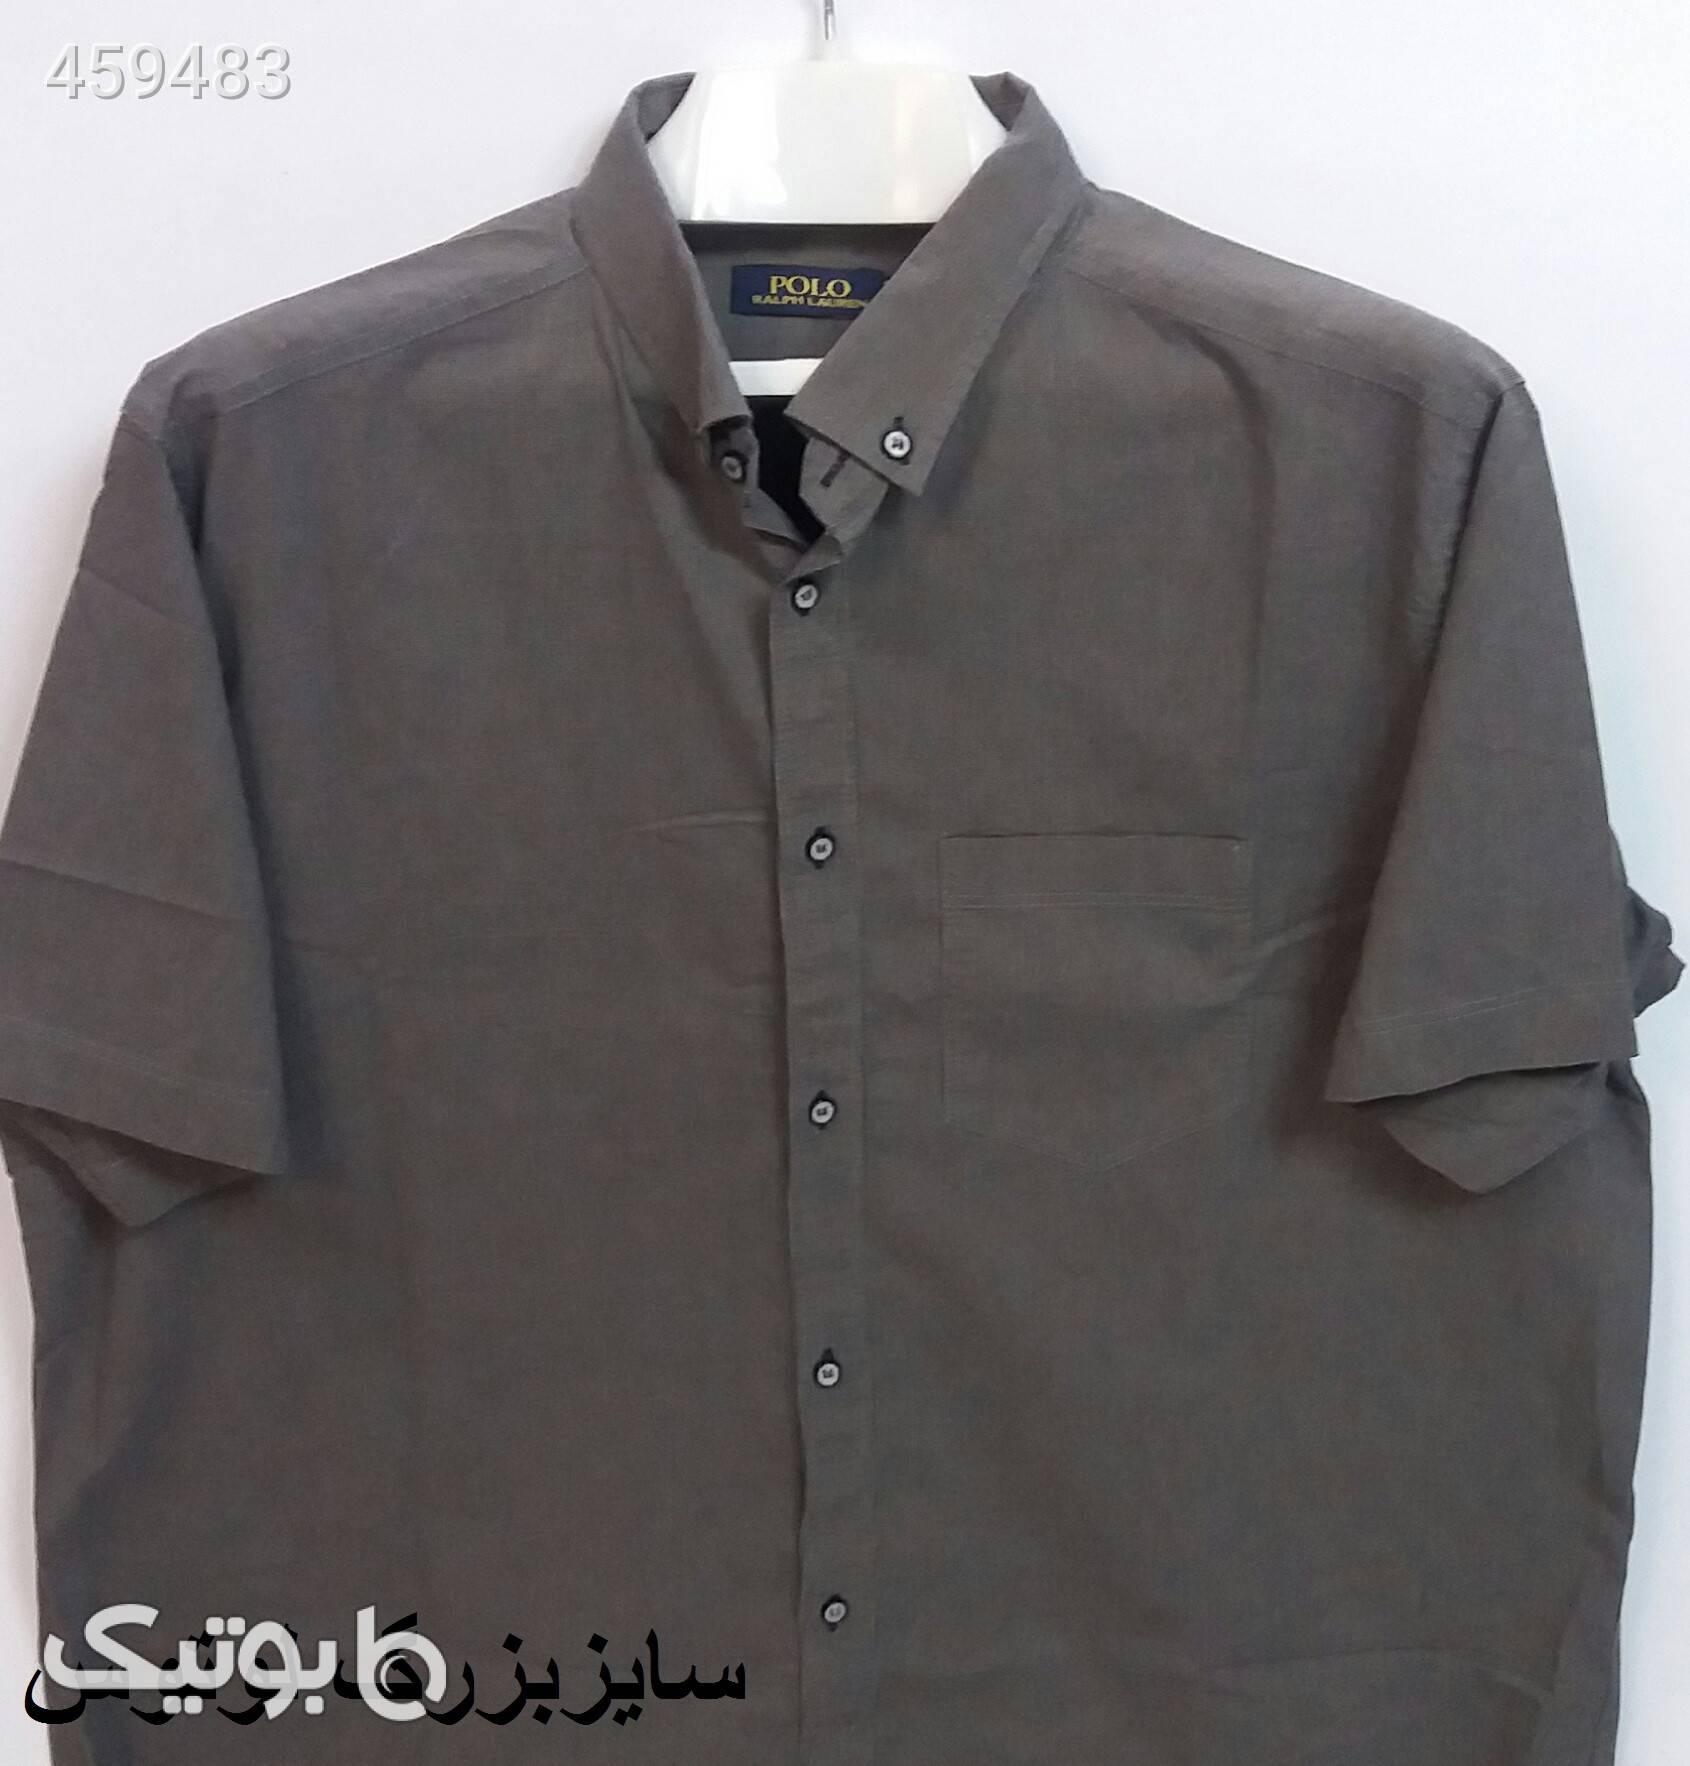 پیراهن اسپرت سایز بزرگ استین کوتاه نارنجی سایز بزرگ مردانه